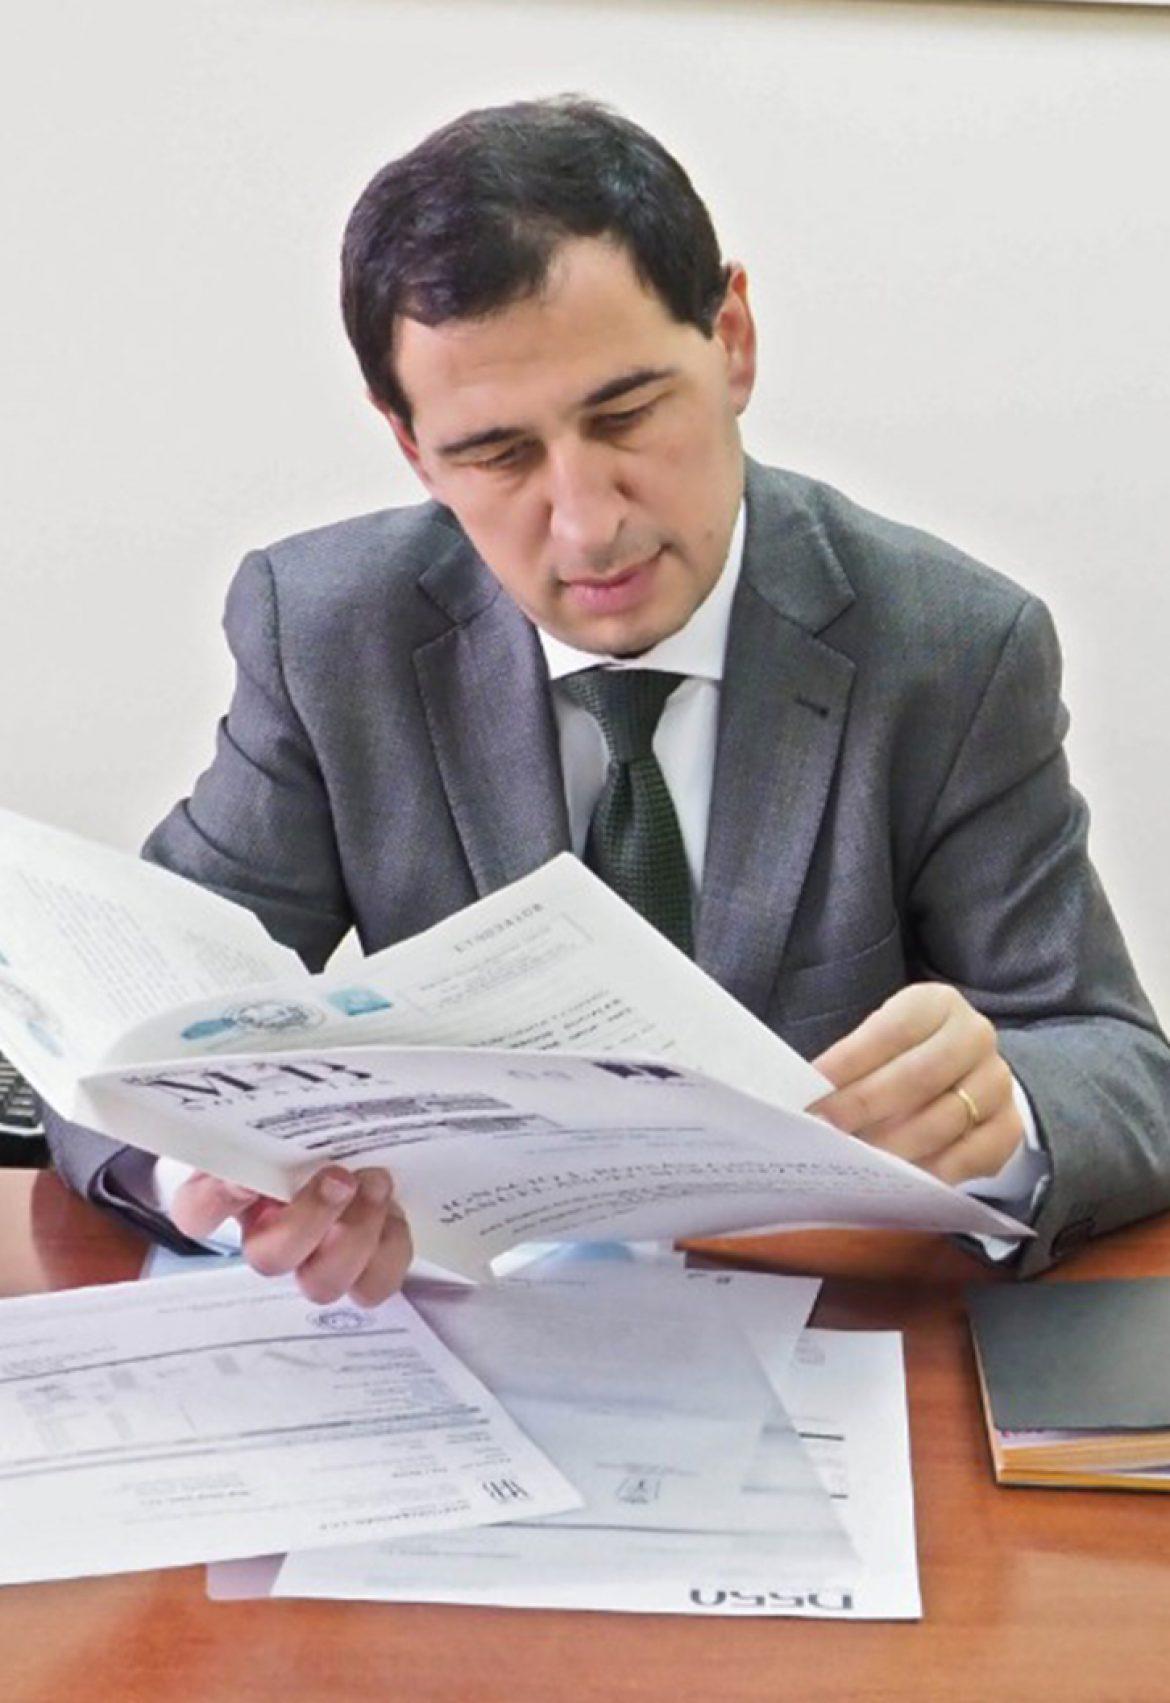 Alejandro Olivé Gorgues